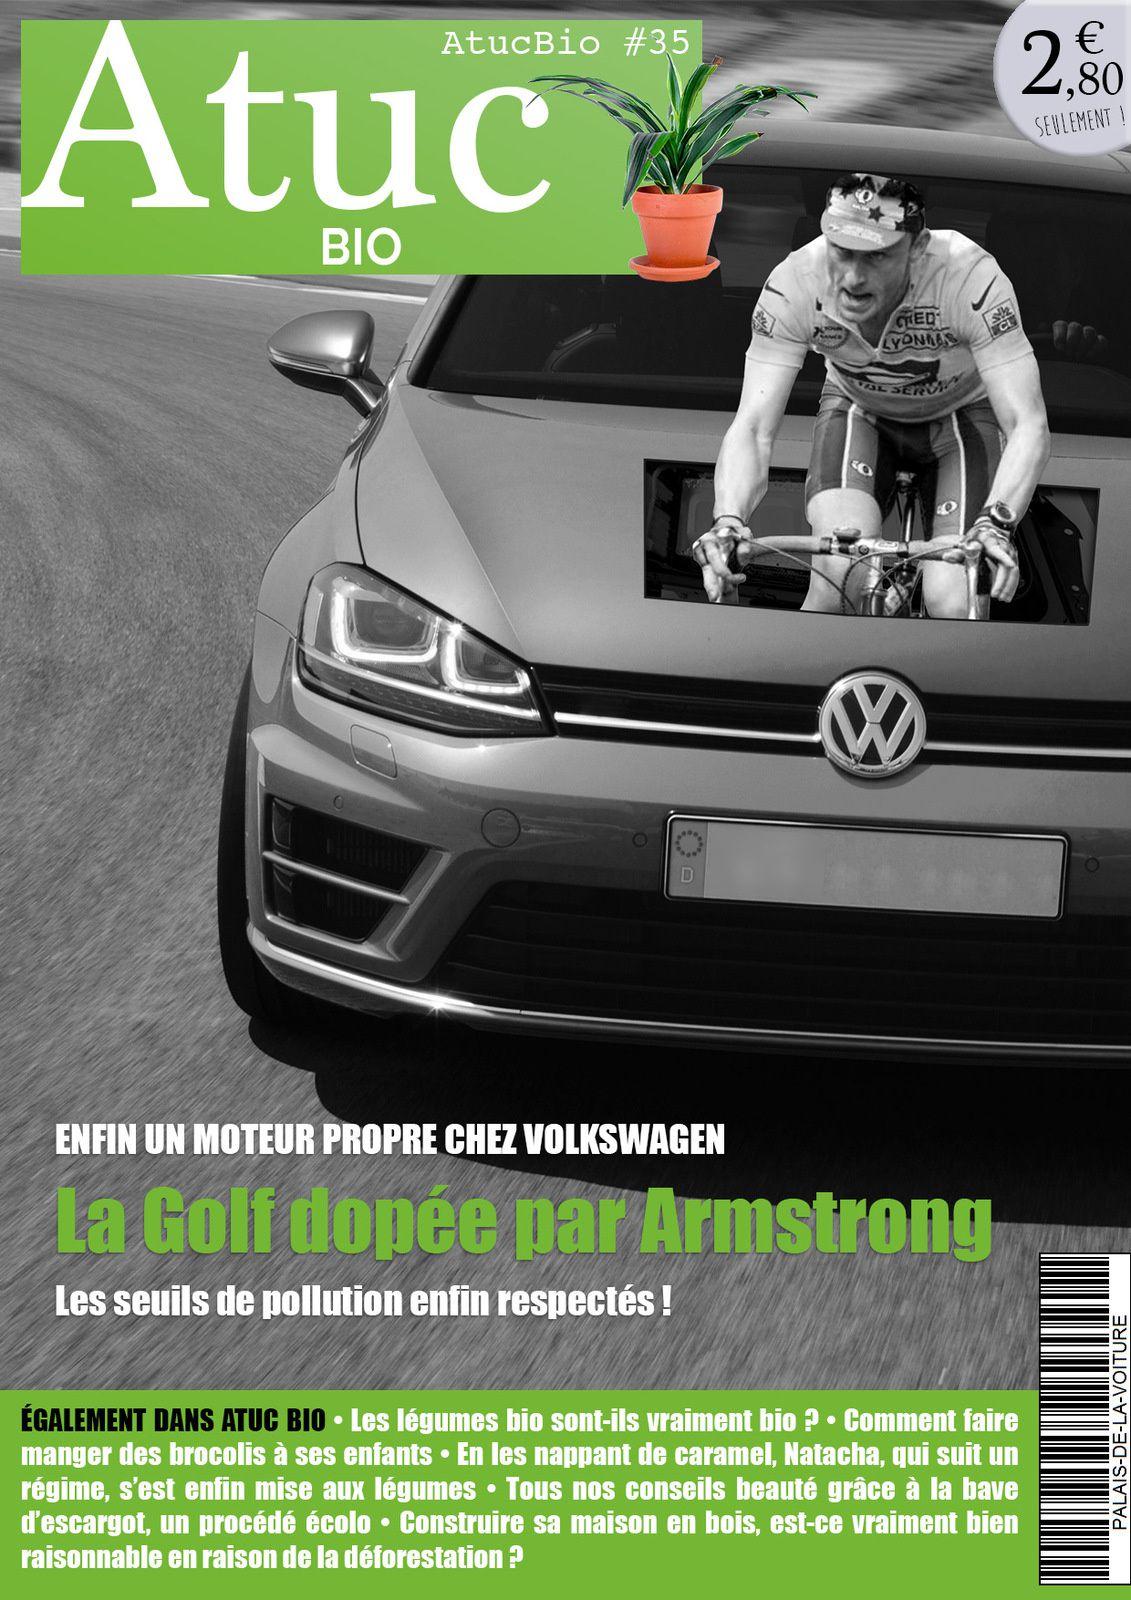 Atuc bio n°35 • Volkswagen enfin réglo niveau pollution grâce au coup de pédale de Lance Armstrong !